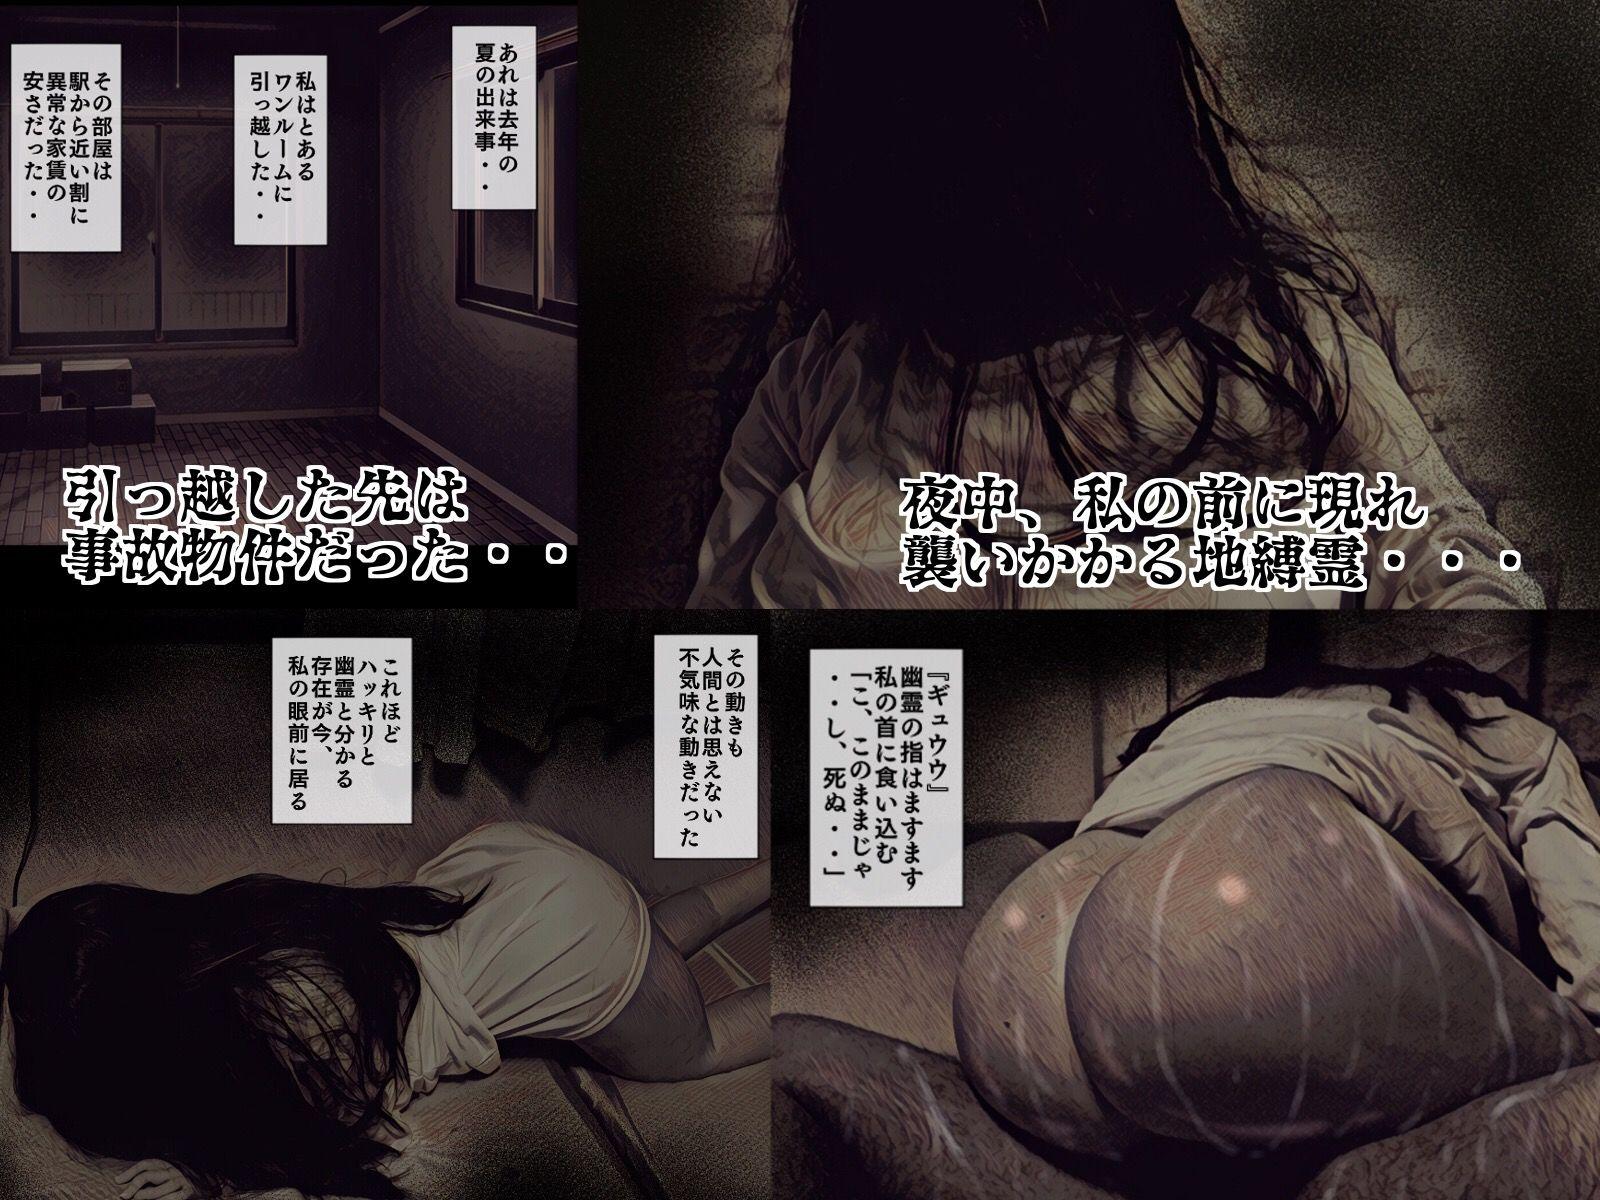 地縛霊姦〜部屋で幽霊に襲われたが犯り返した話〜